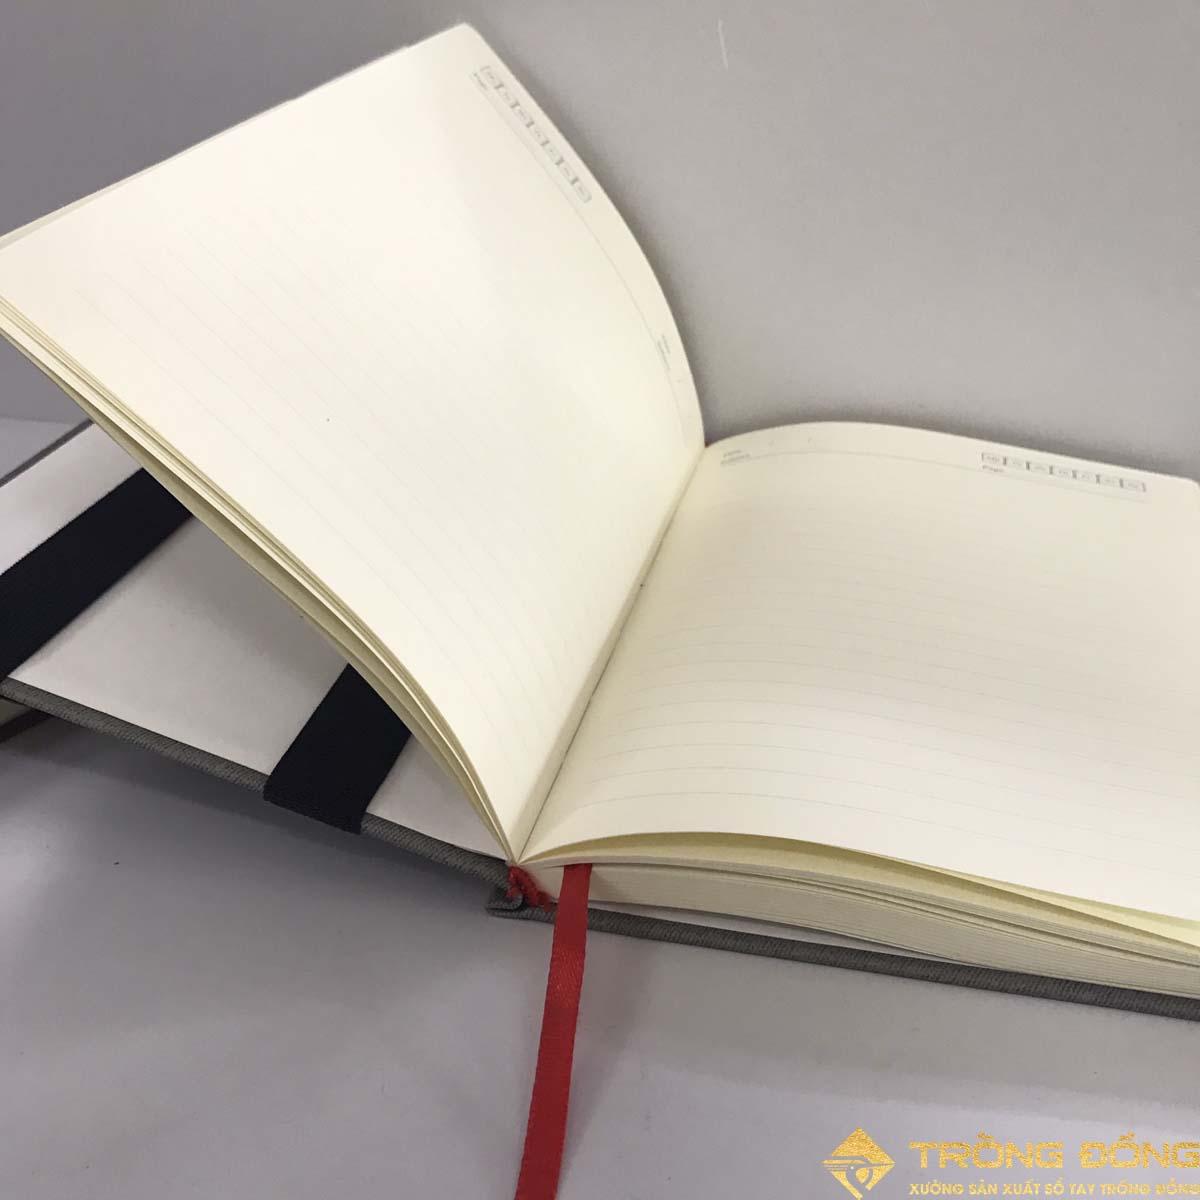 Phần ruột sổ dán gáy bên trong của sổ bìa dán